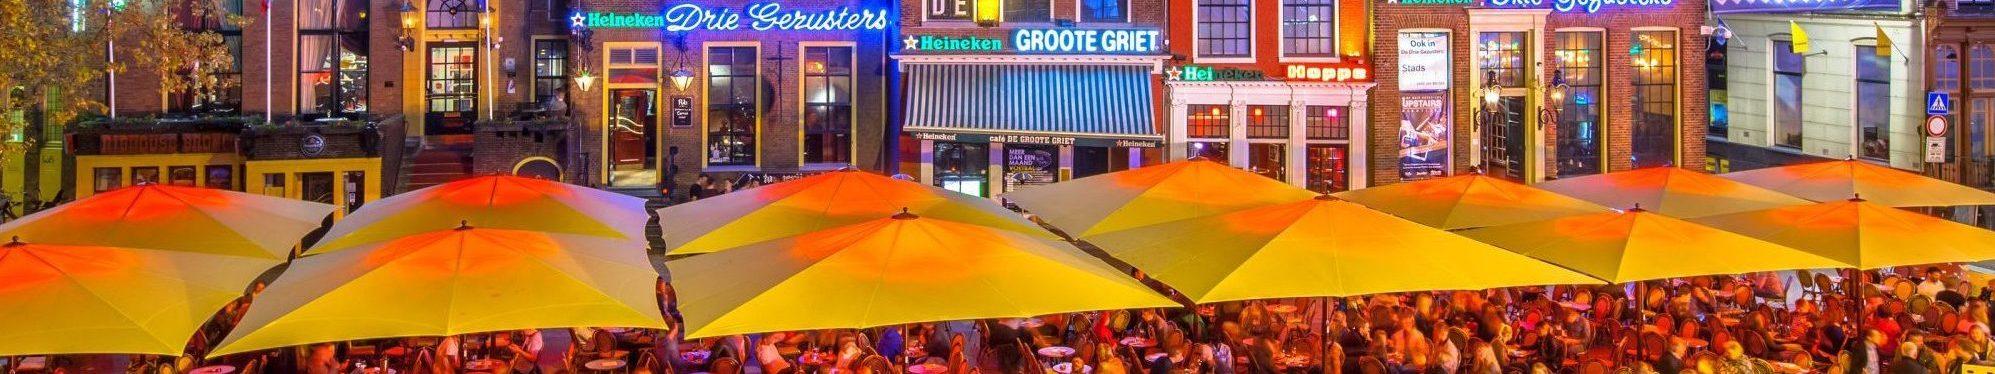 Grote Markt Horeca Vacatures Groningen